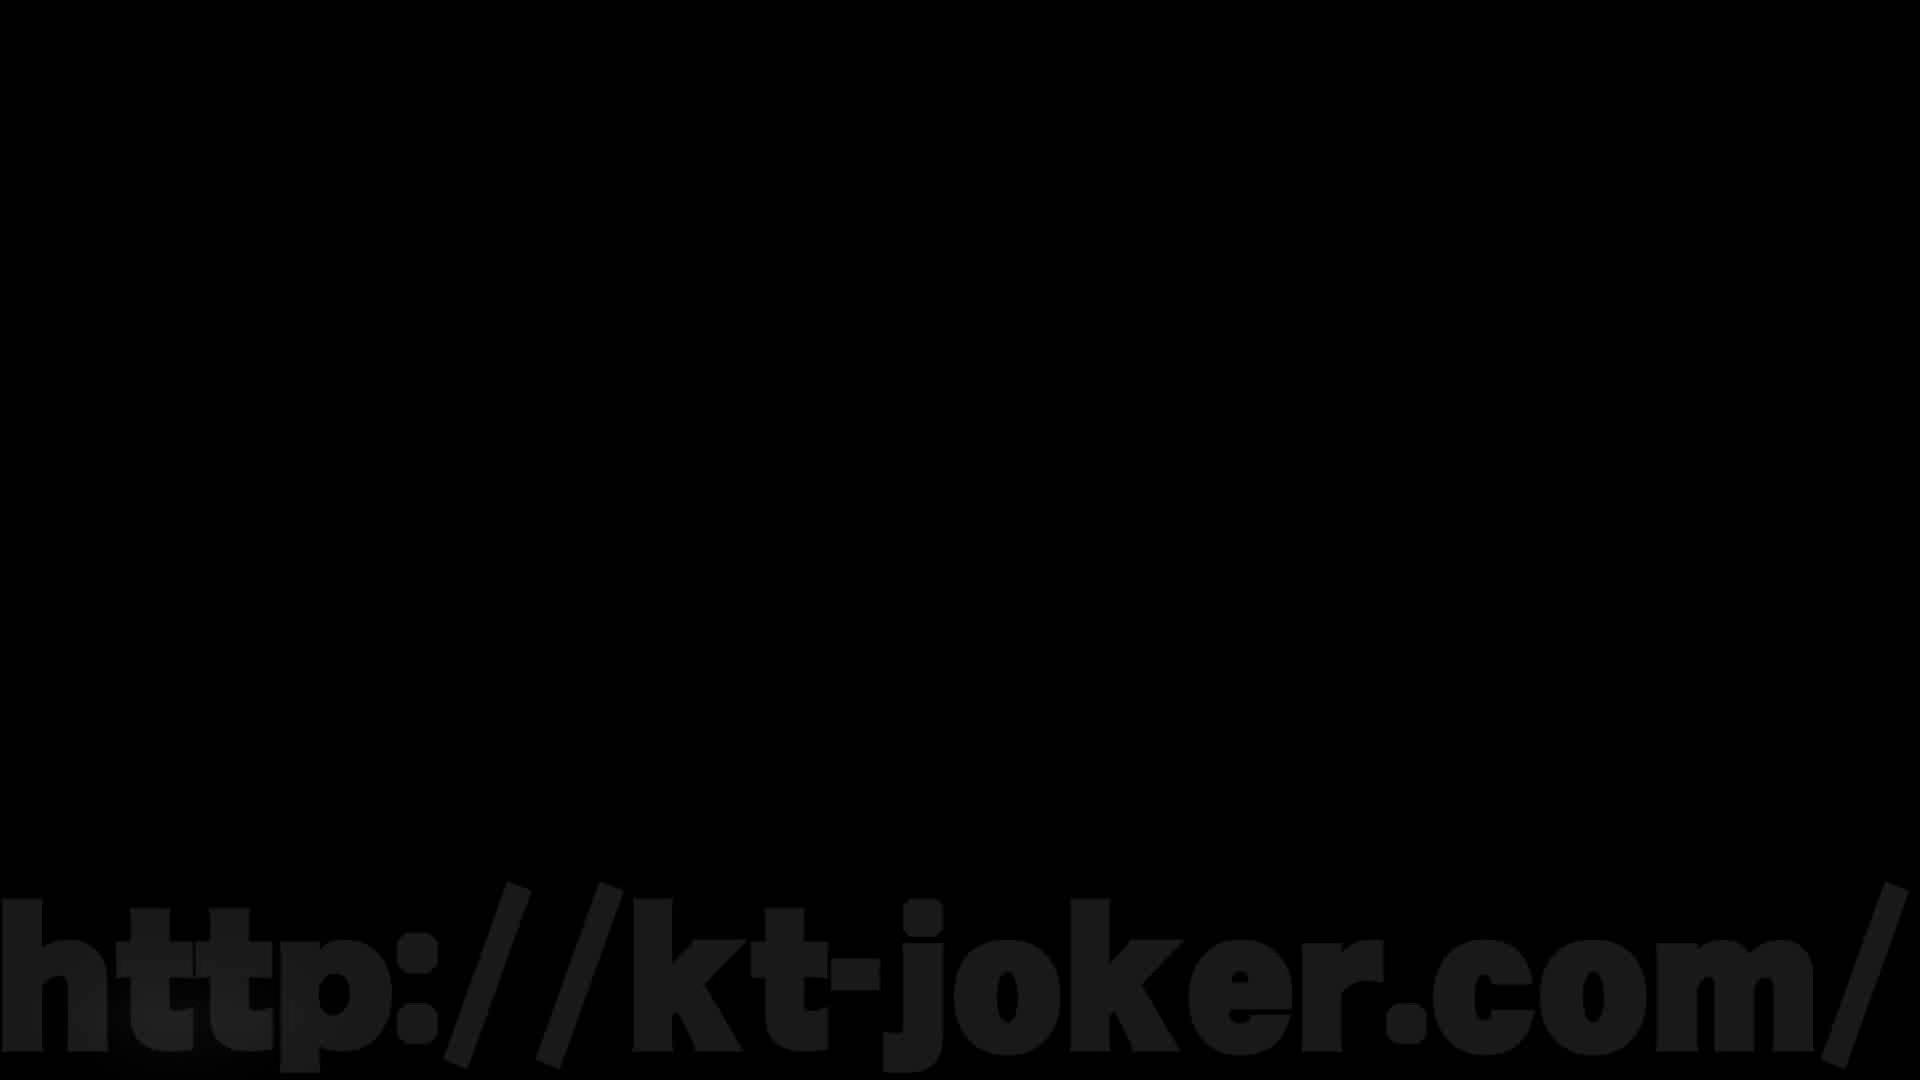 イ・タ・ズ・ラ劇場 Vol.43 爆乳 | 綺麗なOLたち  104枚 81